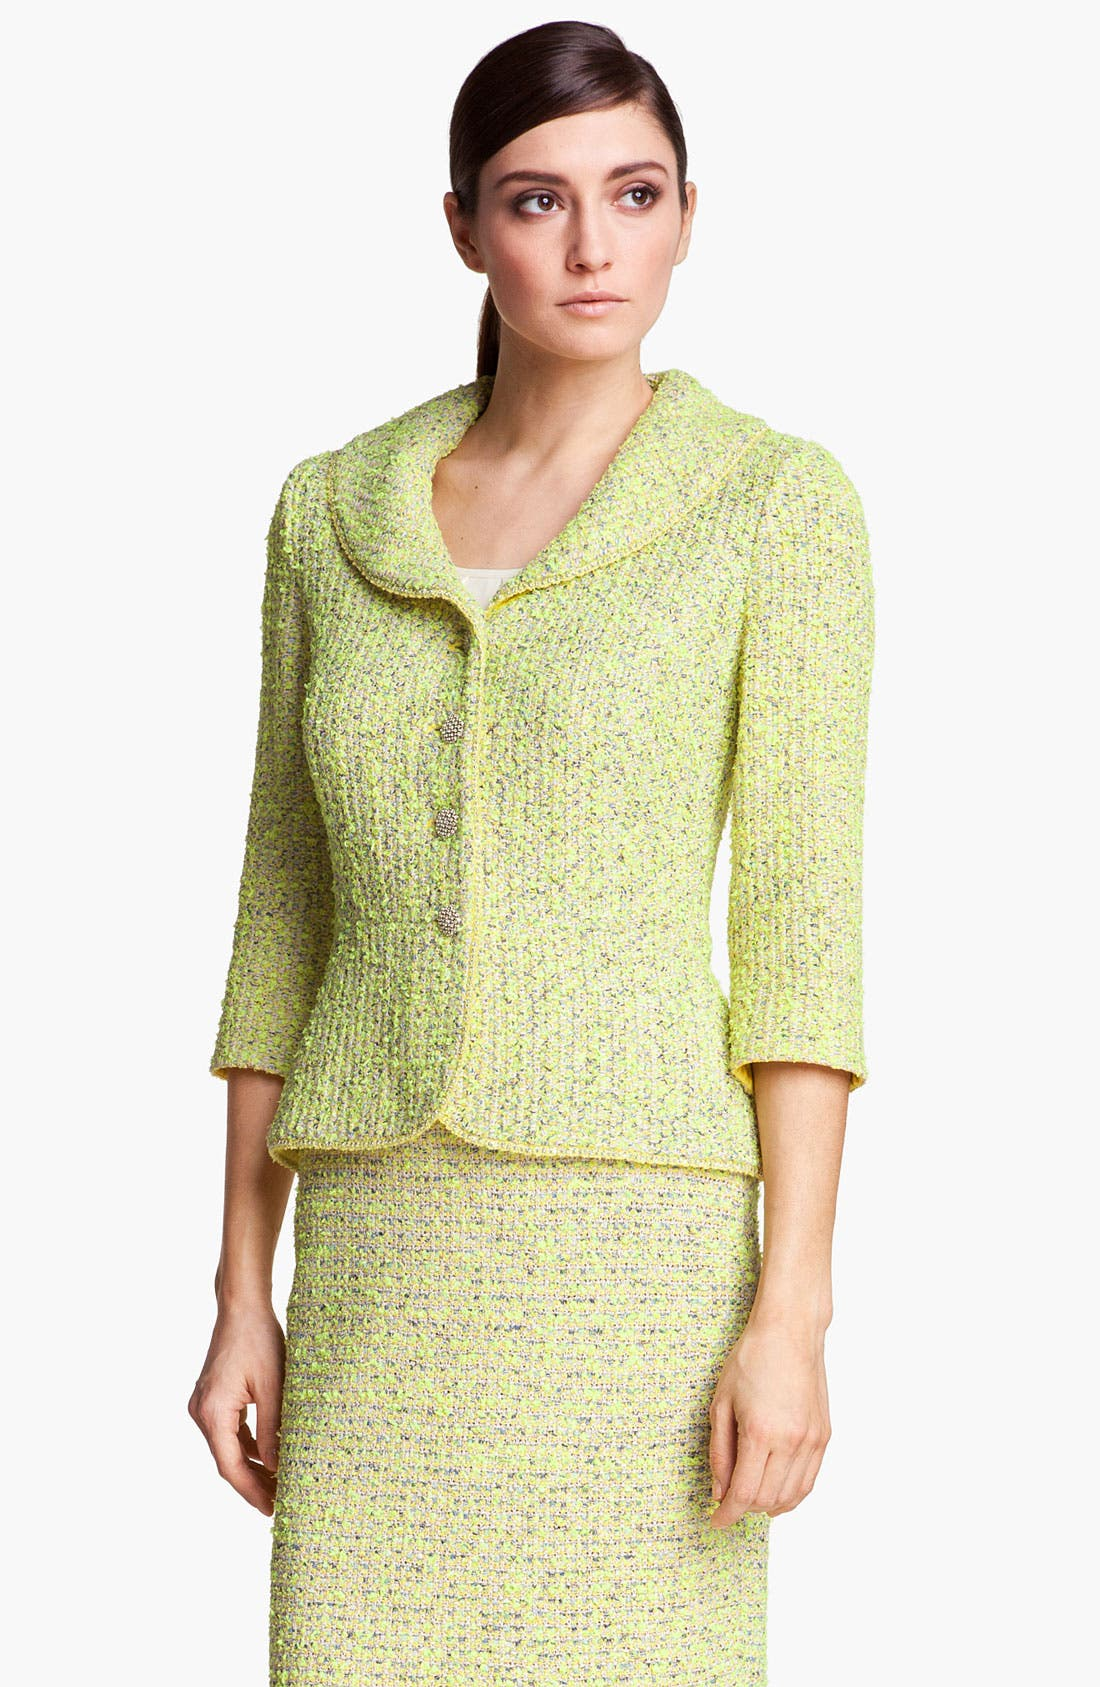 Main Image - St. John Collection 'Park Lane' Tweed Jacket